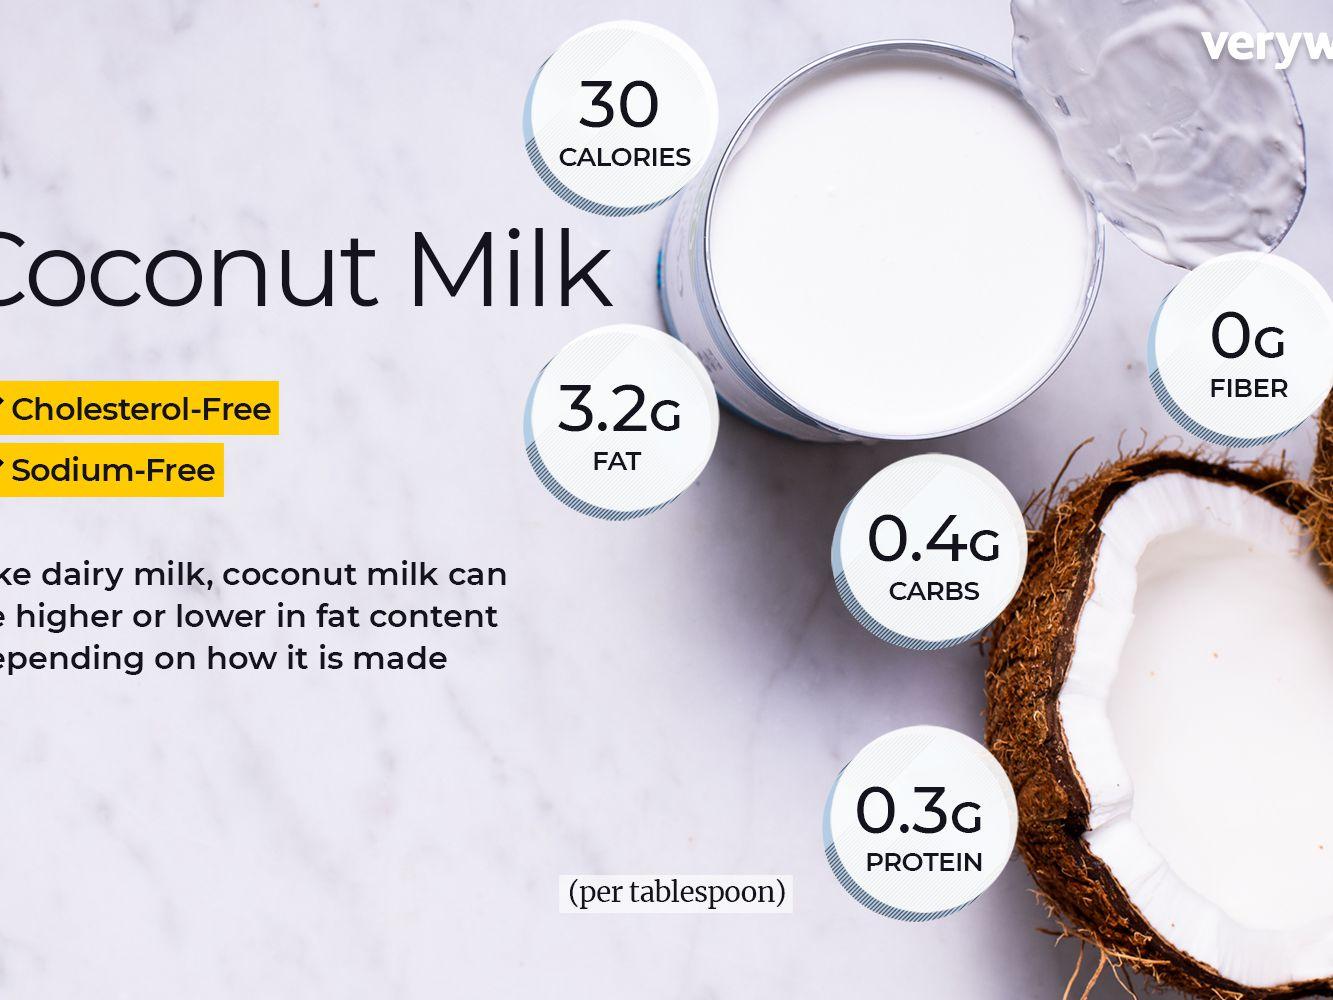 Coconut Milk Nutrition Facts: Calories